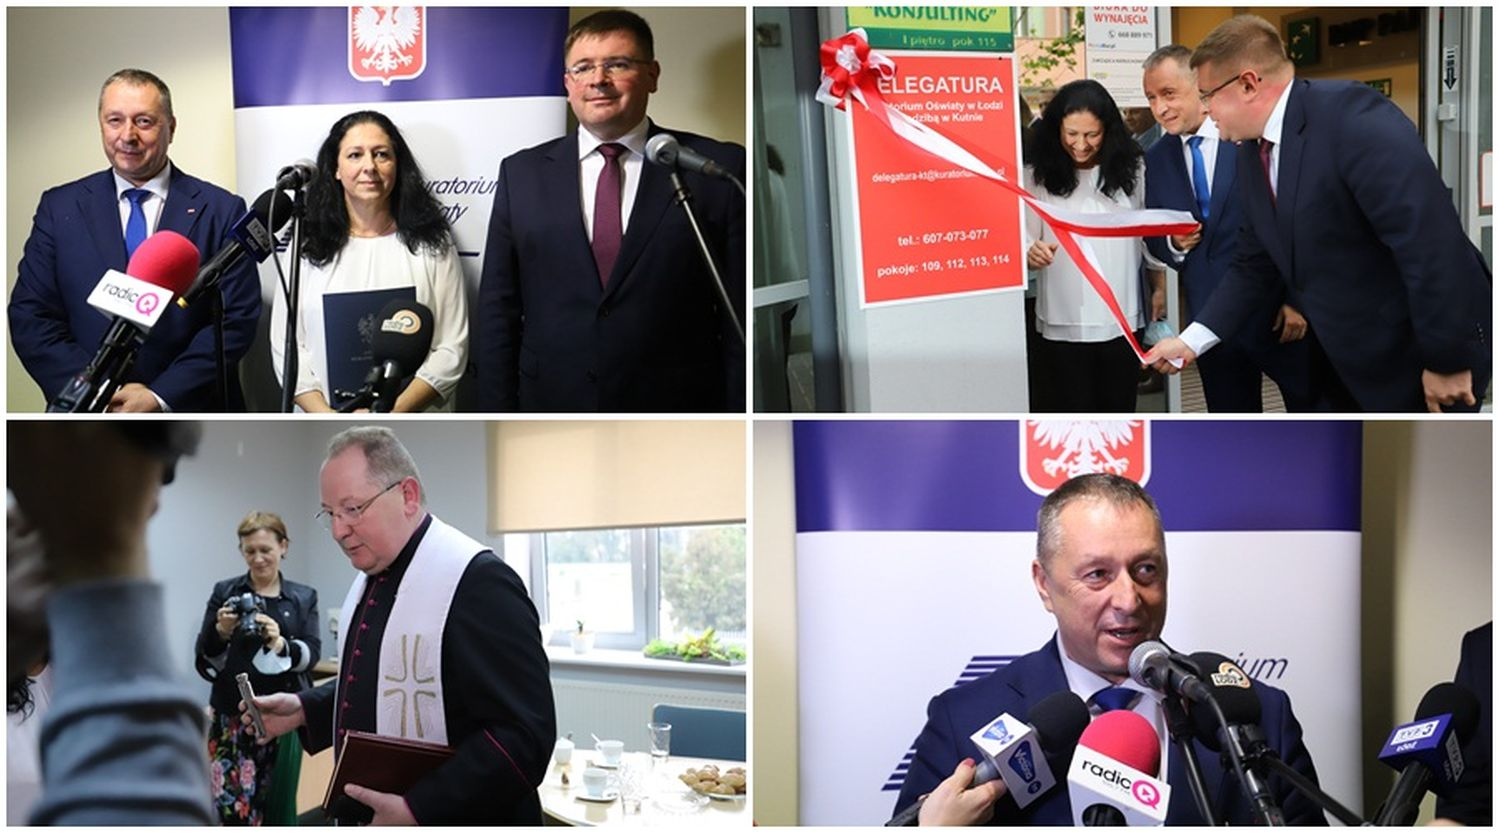 """Ważny dzień dla Kutna z udziałem wiceministra i władzami gmin. T. Rzymkowski : """"To podniesienie statusu miasta"""" - Zdjęcie główne"""